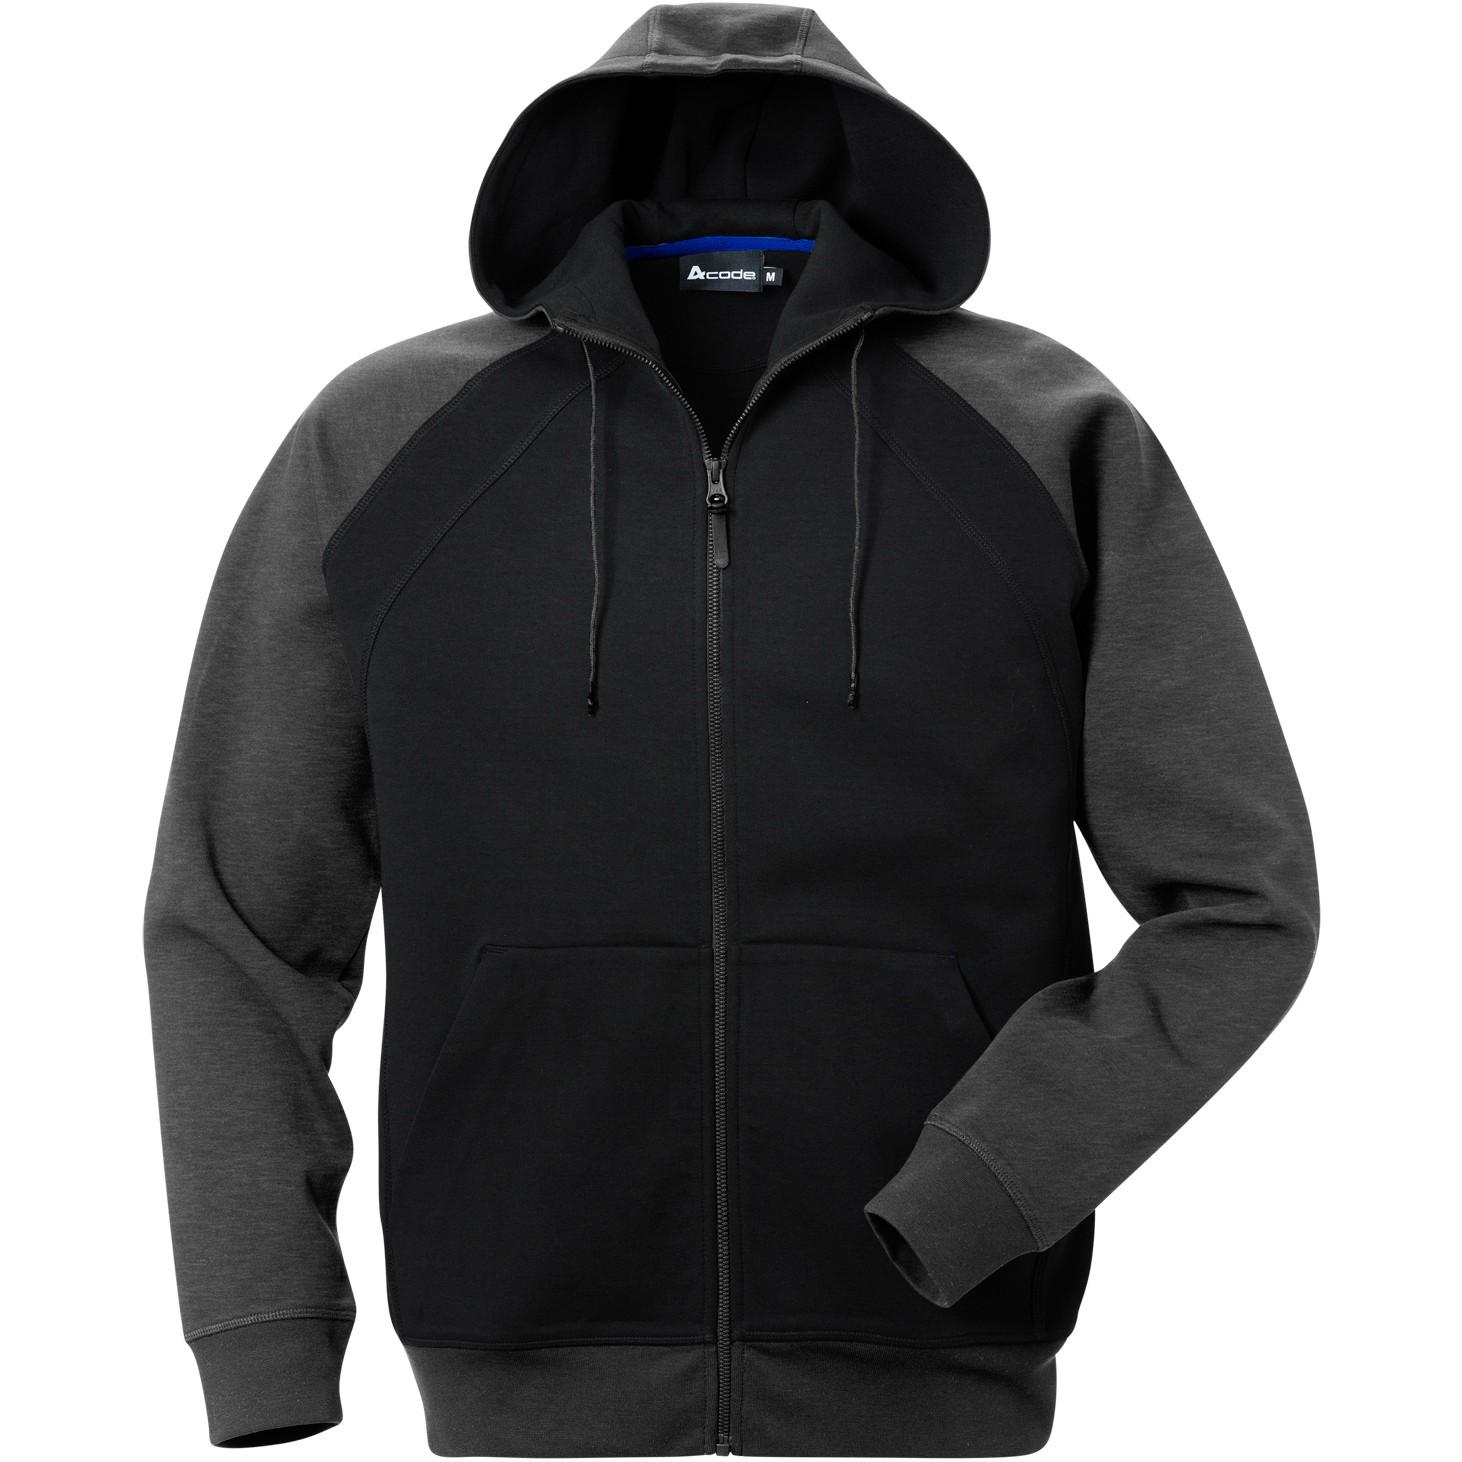 Acode sweatshirt jacka med huva 1757 DF